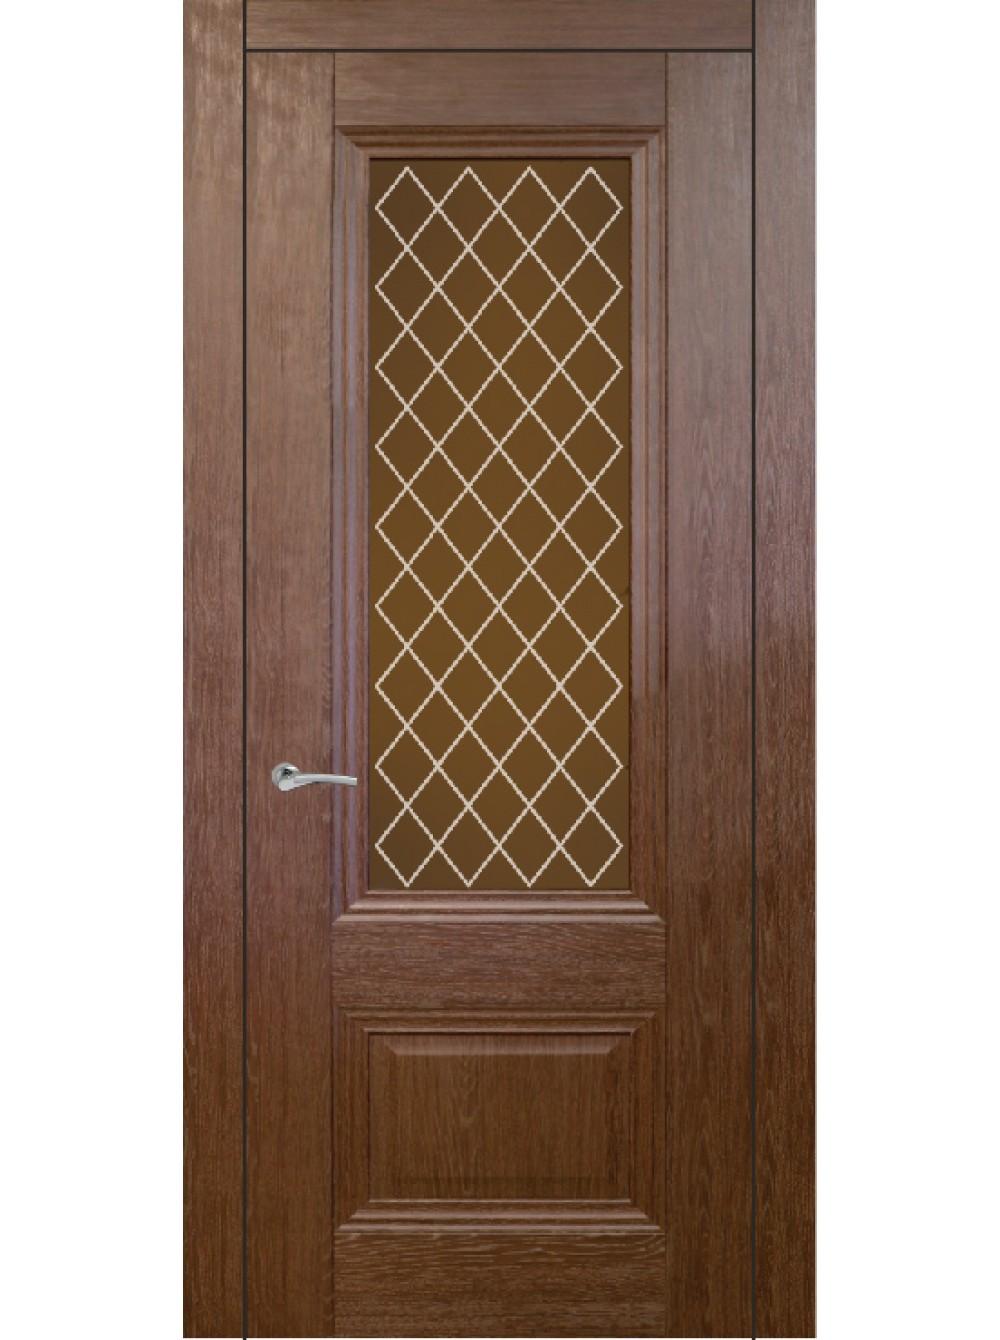 Межкомнатная дверь Барселона 1(Остекленное полотно)